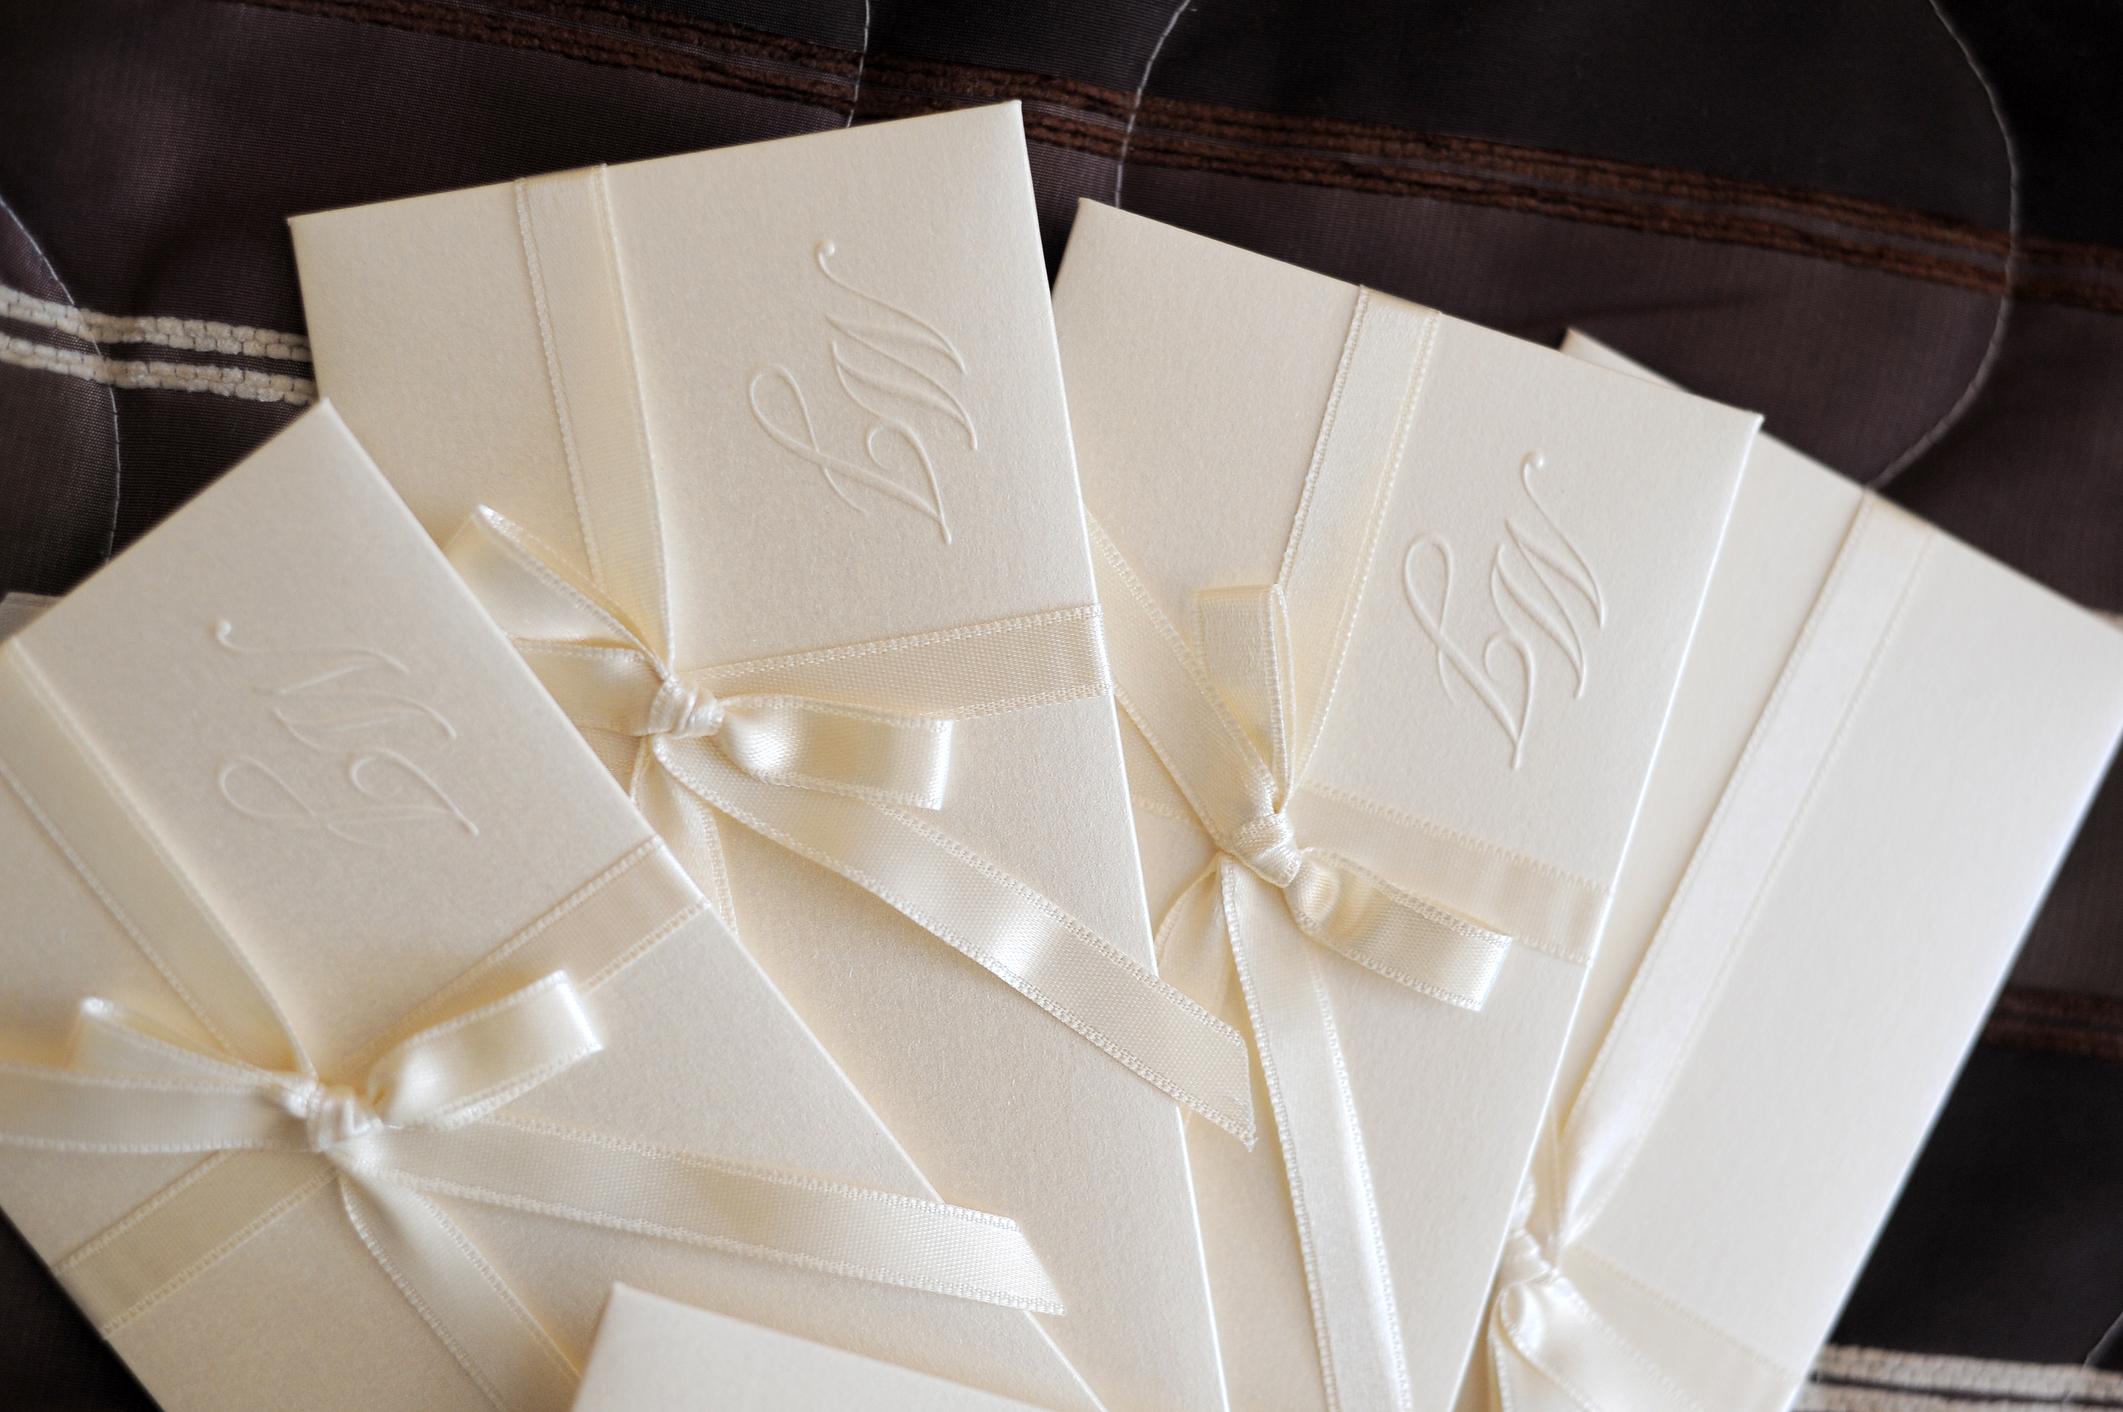 プロポーズ から 結婚式 まで 段取り 招待状 作る